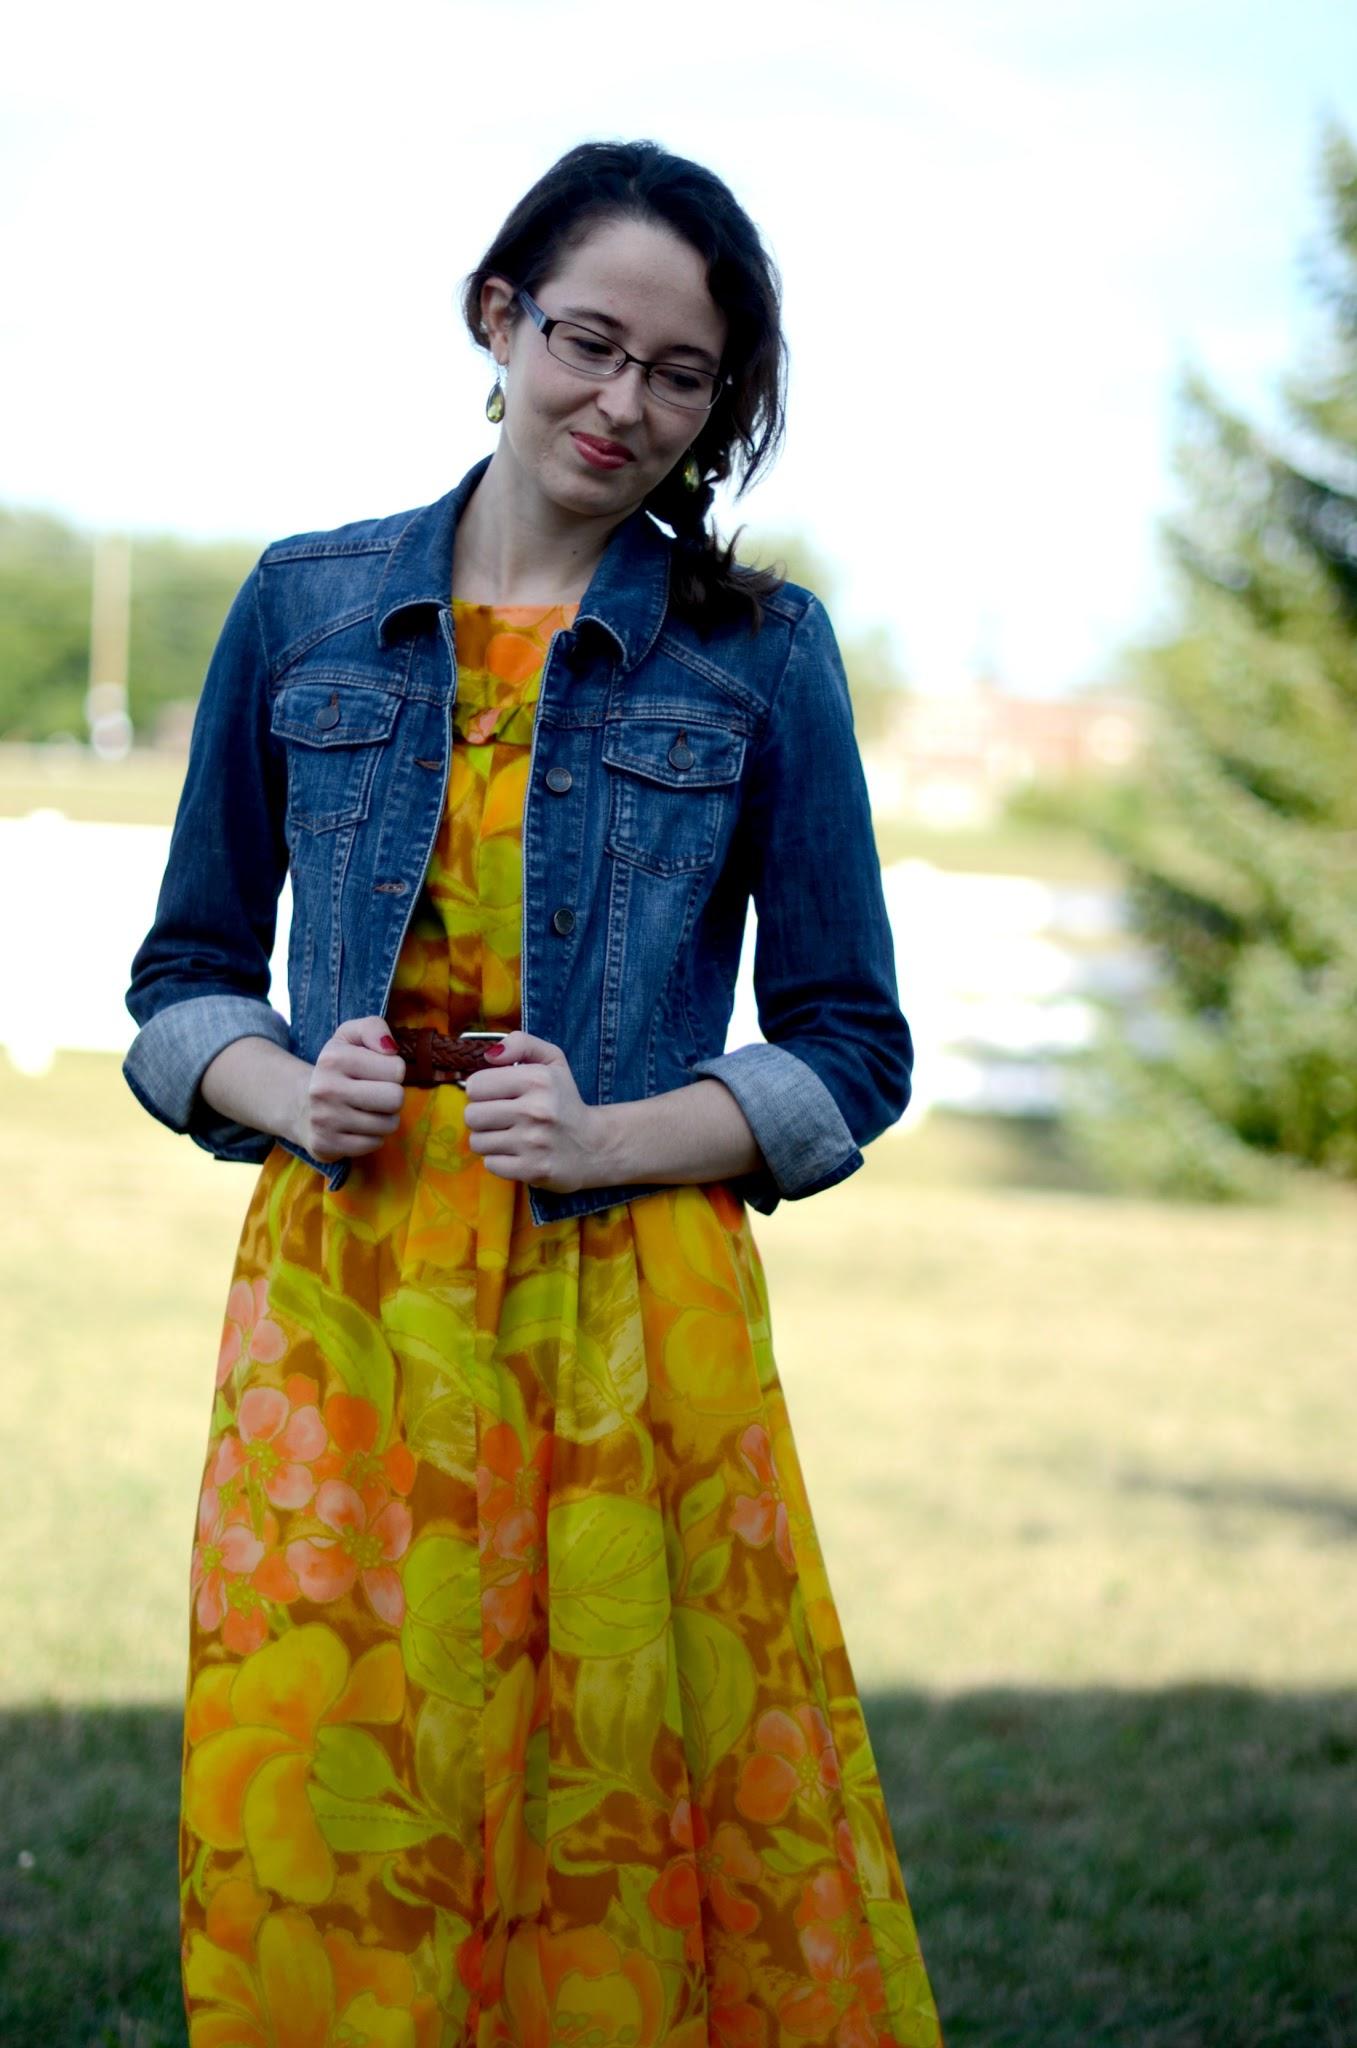 a9da839dd09 Bramblewood Fashion | Modest Fashion & Beauty Blog: Refashioning ...